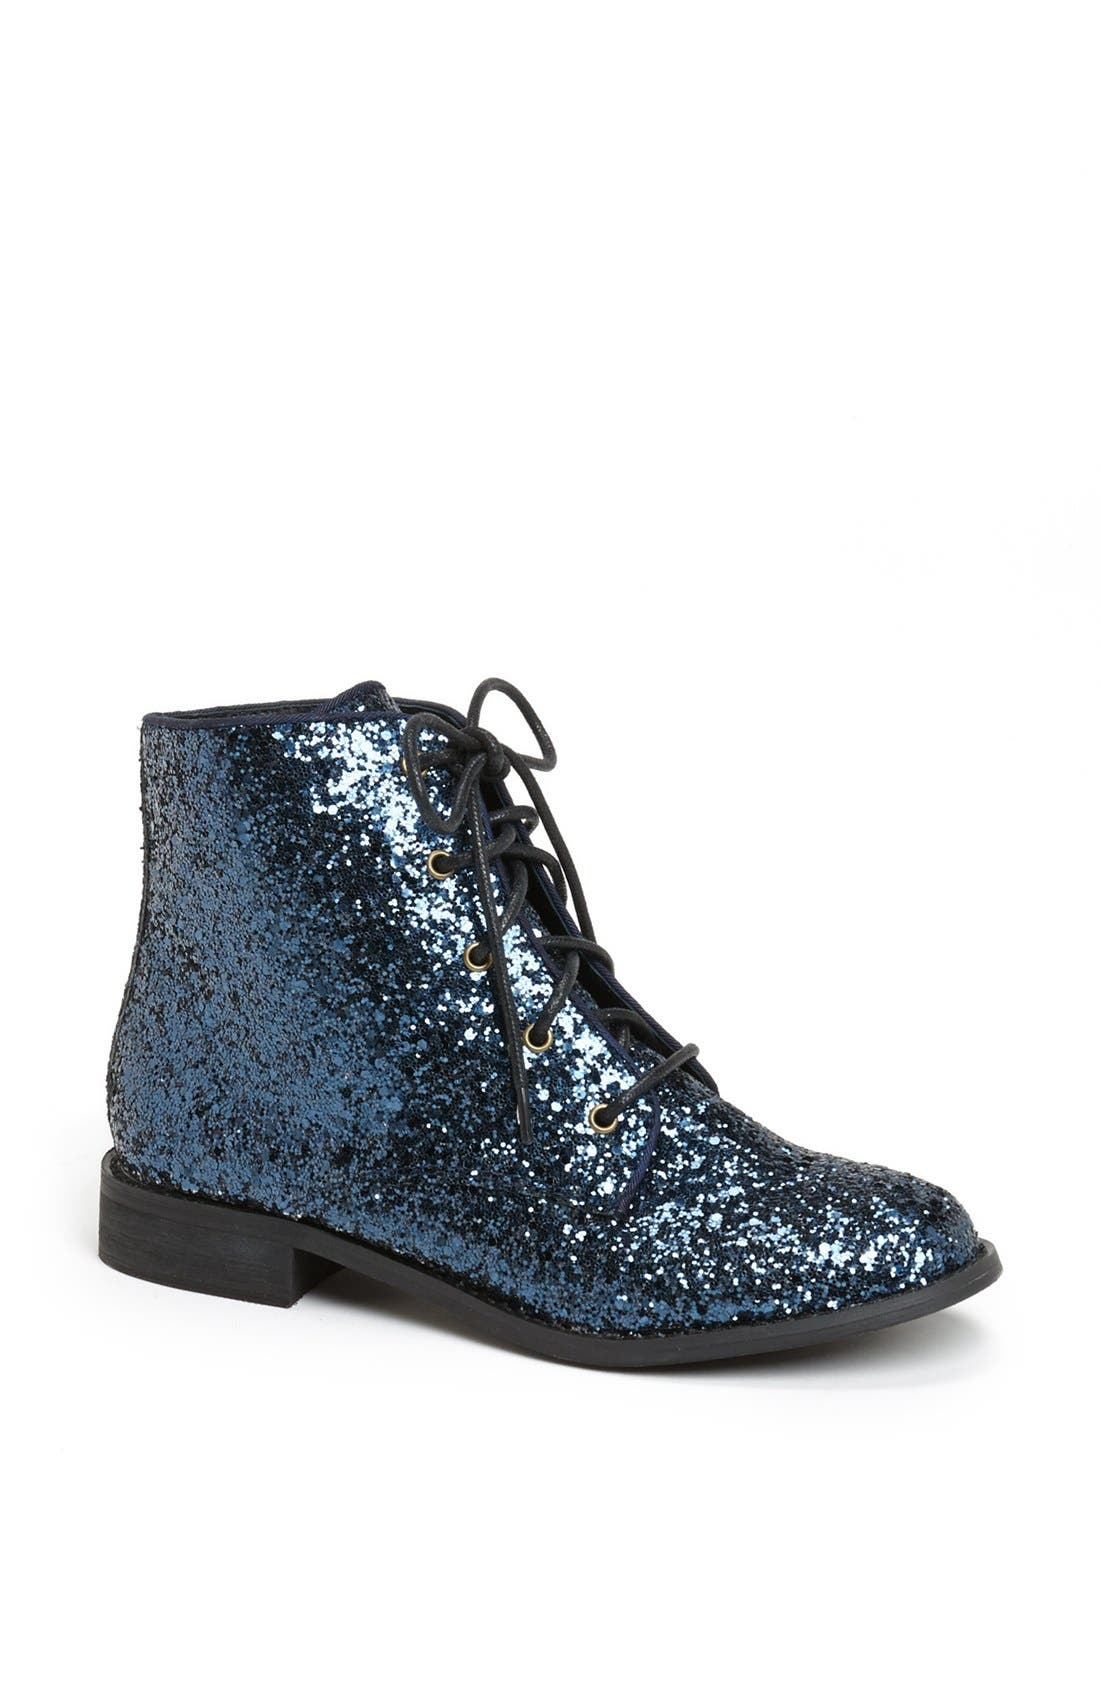 Alternate Image 1 Selected - Shellys London 'Kmenta' Glitter Boot